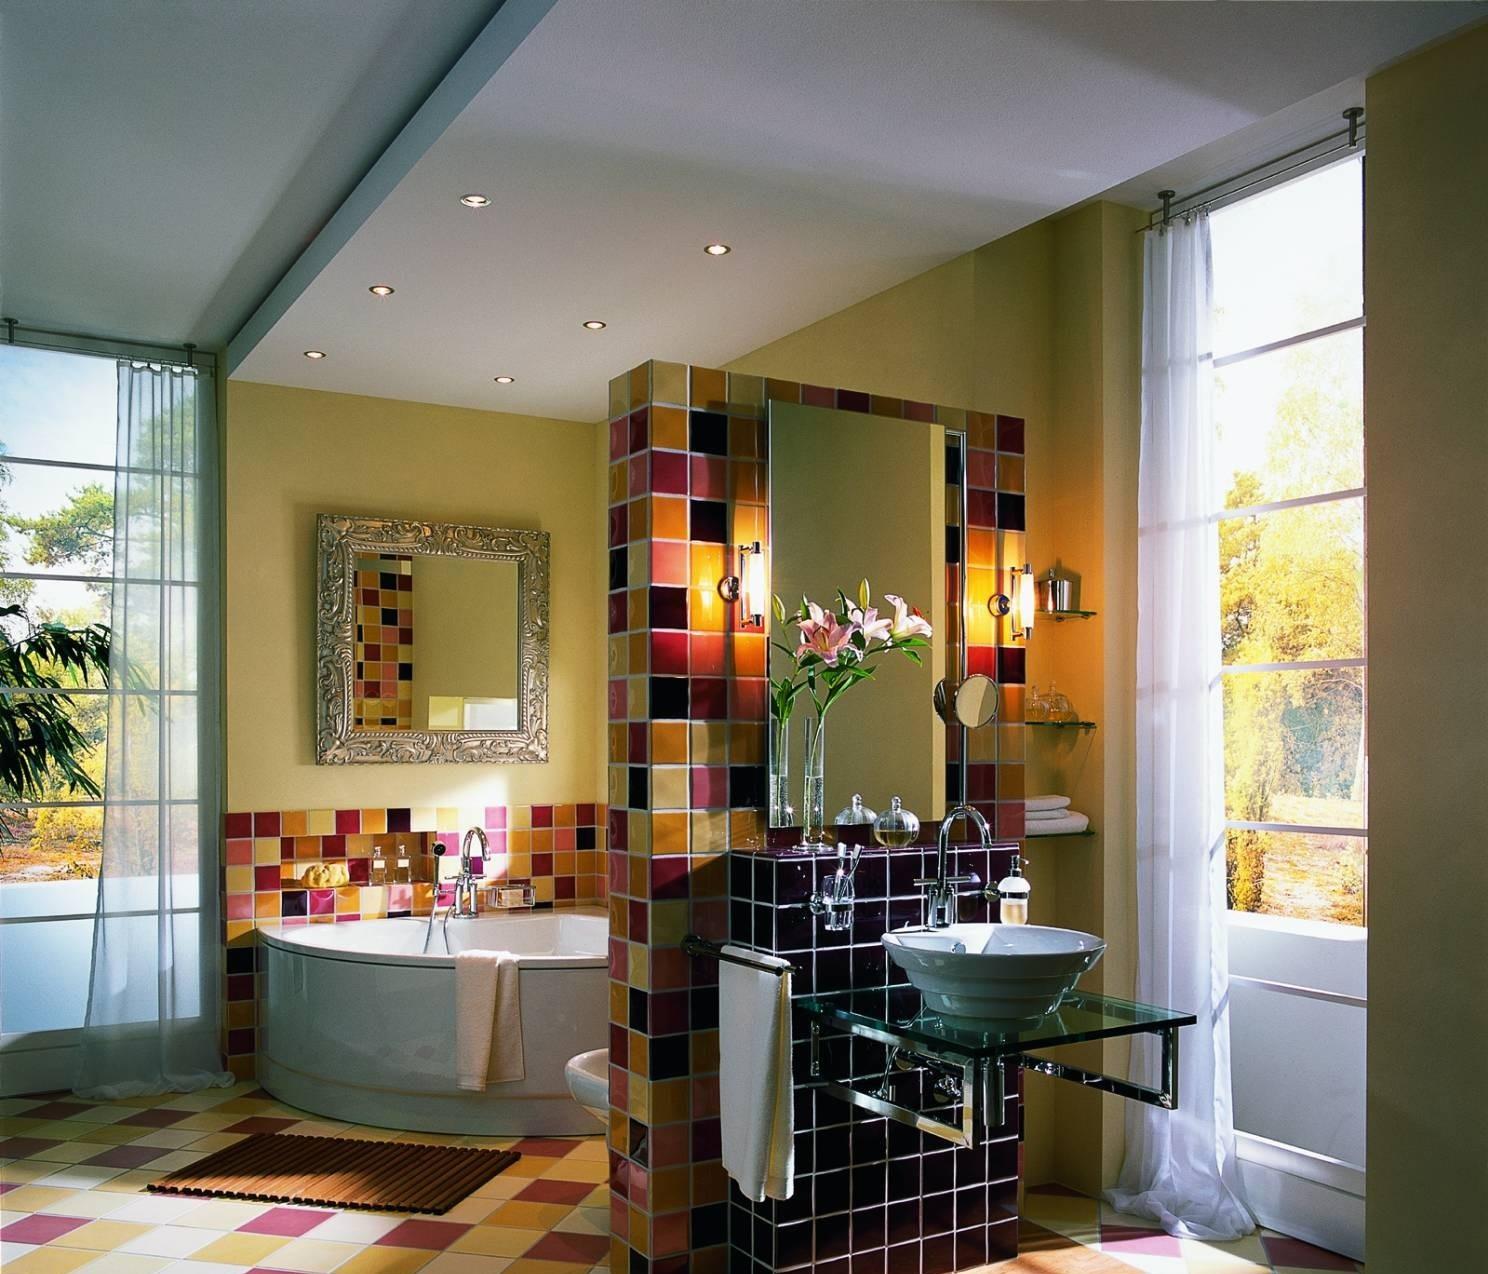 В этом примере гипсокартонная конструкция выступает как инструмент зонирования просторного помещения ванной комнаты